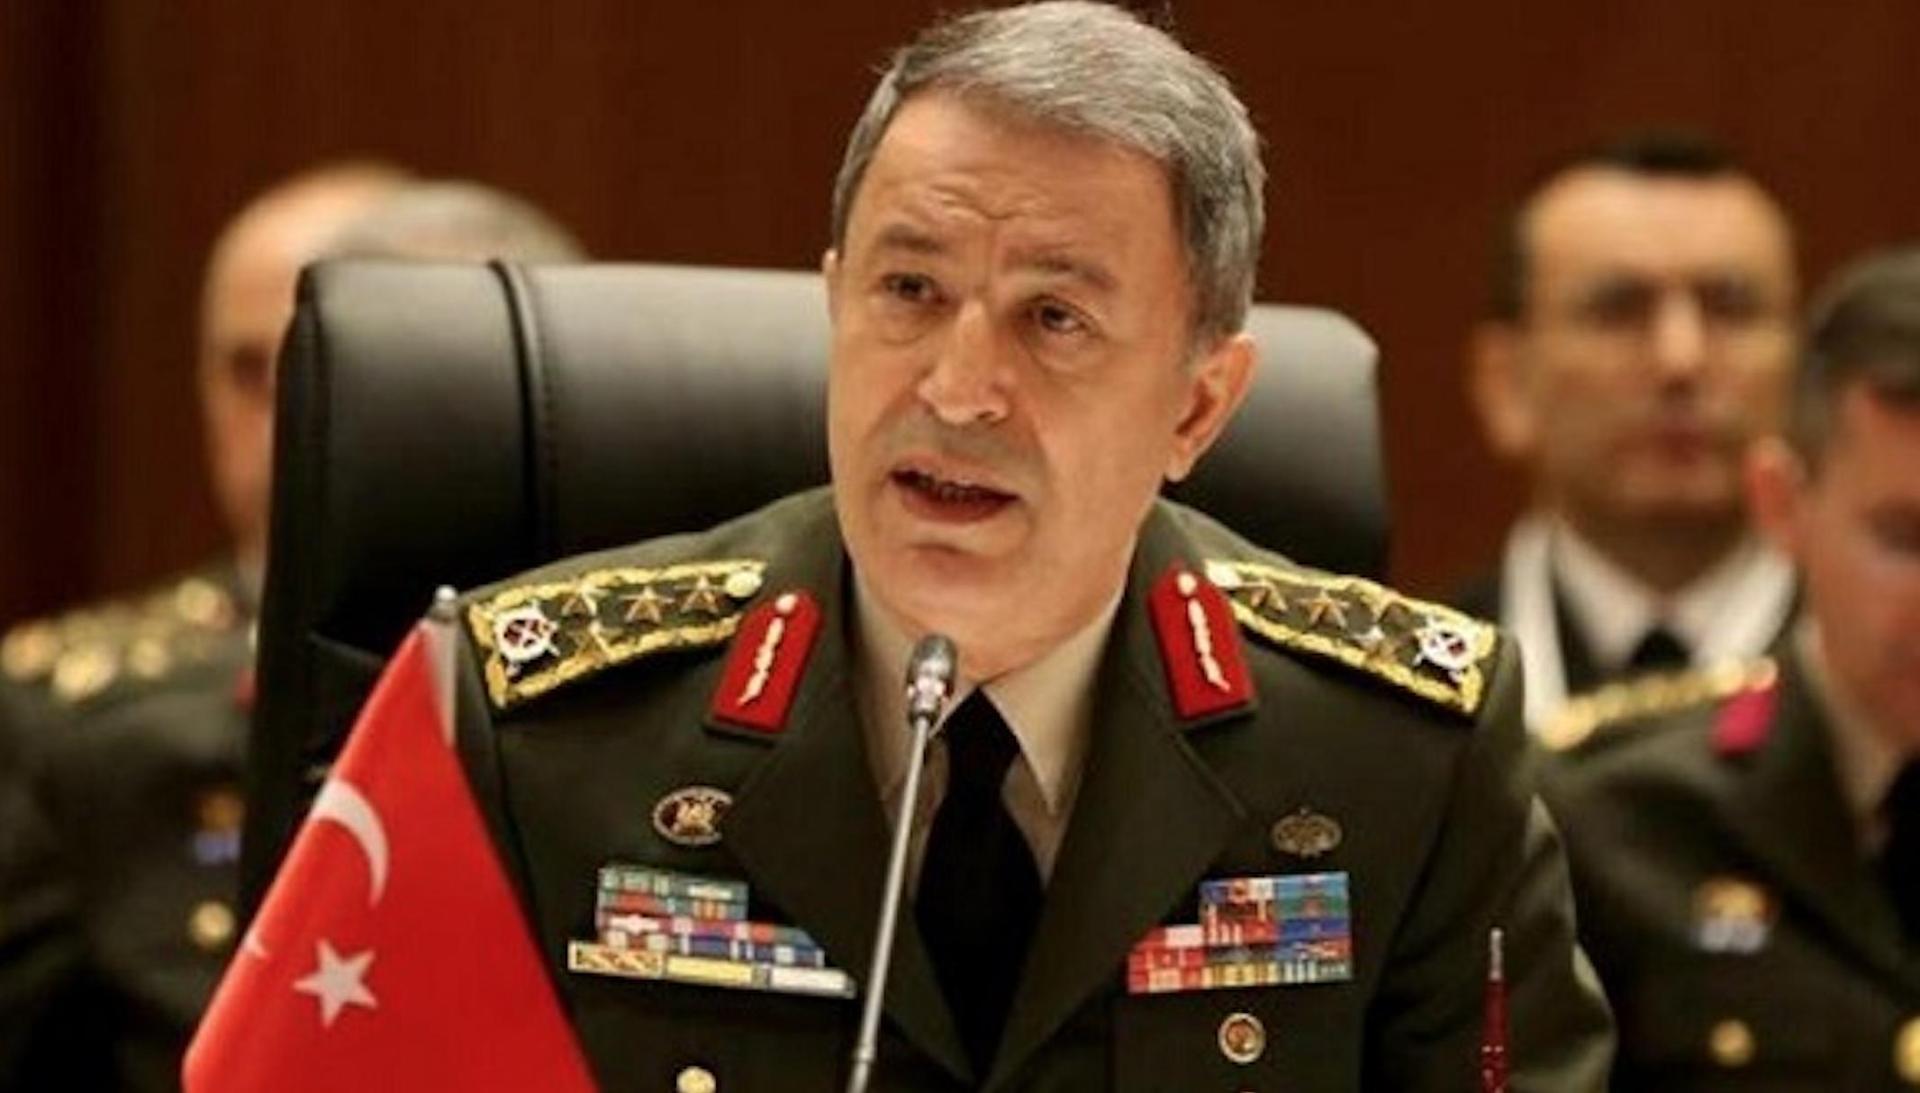 تركيا: سنواصل التنقيب عن مصادر الطاقة بموجب اتفاقيتنا مع ليبيا